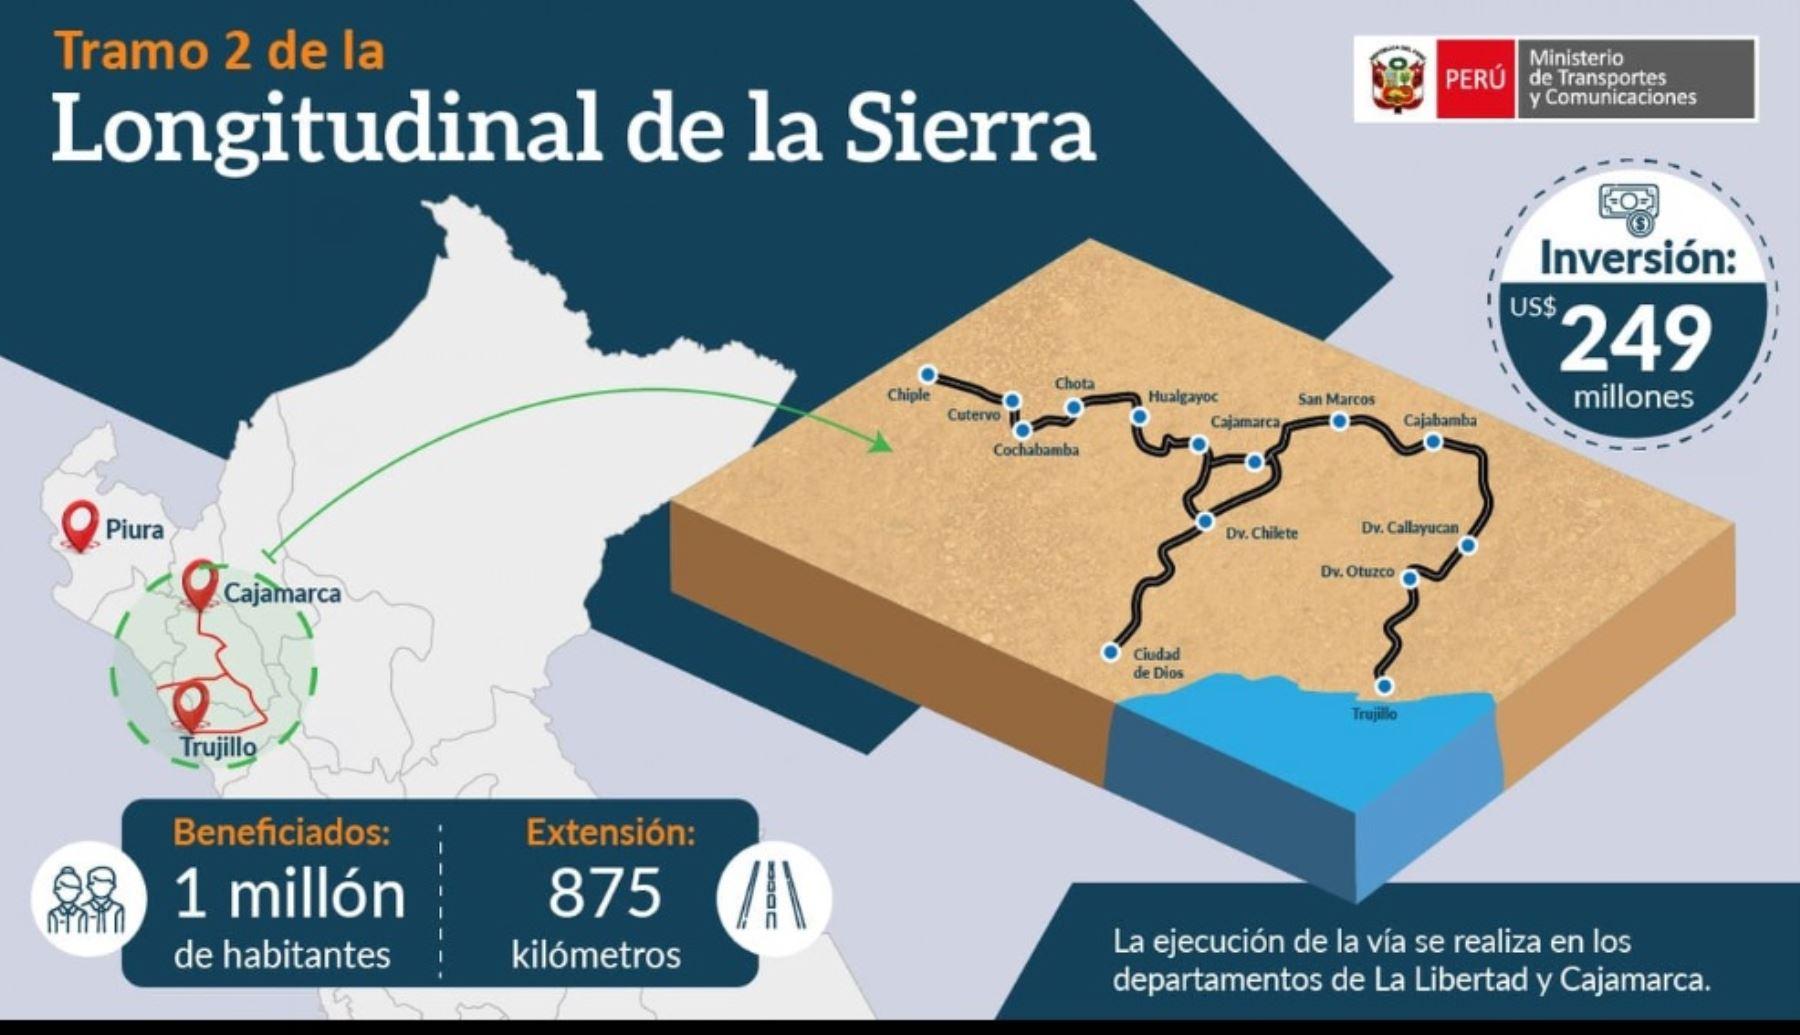 La mencionada vía tiene dos subtramos de rehabilitación y mejoramiento, que comprende la construcción de la carretera Chiple-Cutervo-Cochabamba, en una extensión de 90 kilómetros Actualmente, tiene un avance de 80.43%.